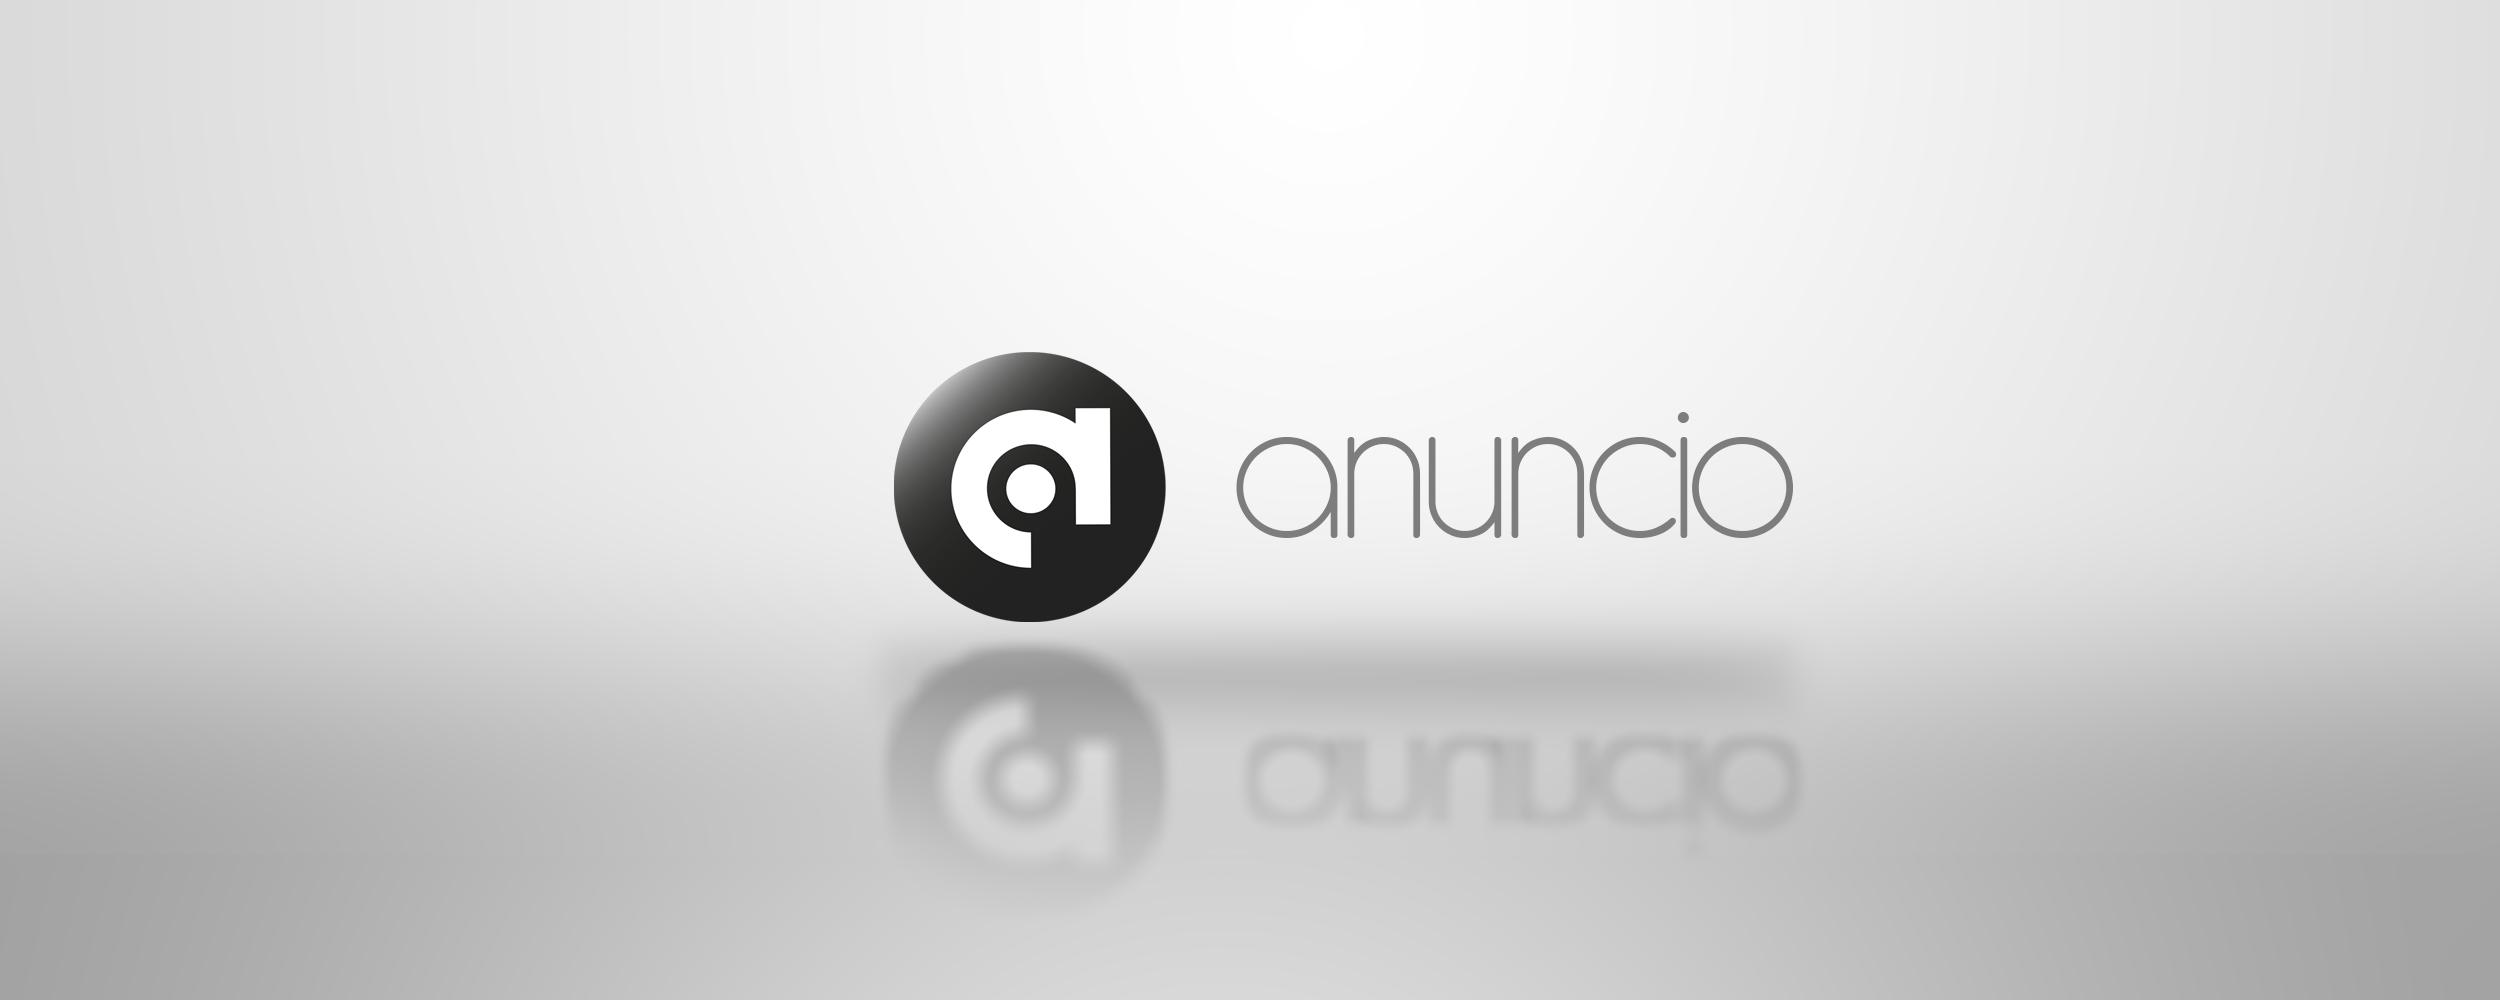 Logo Anuncio Antofagasta - Chile